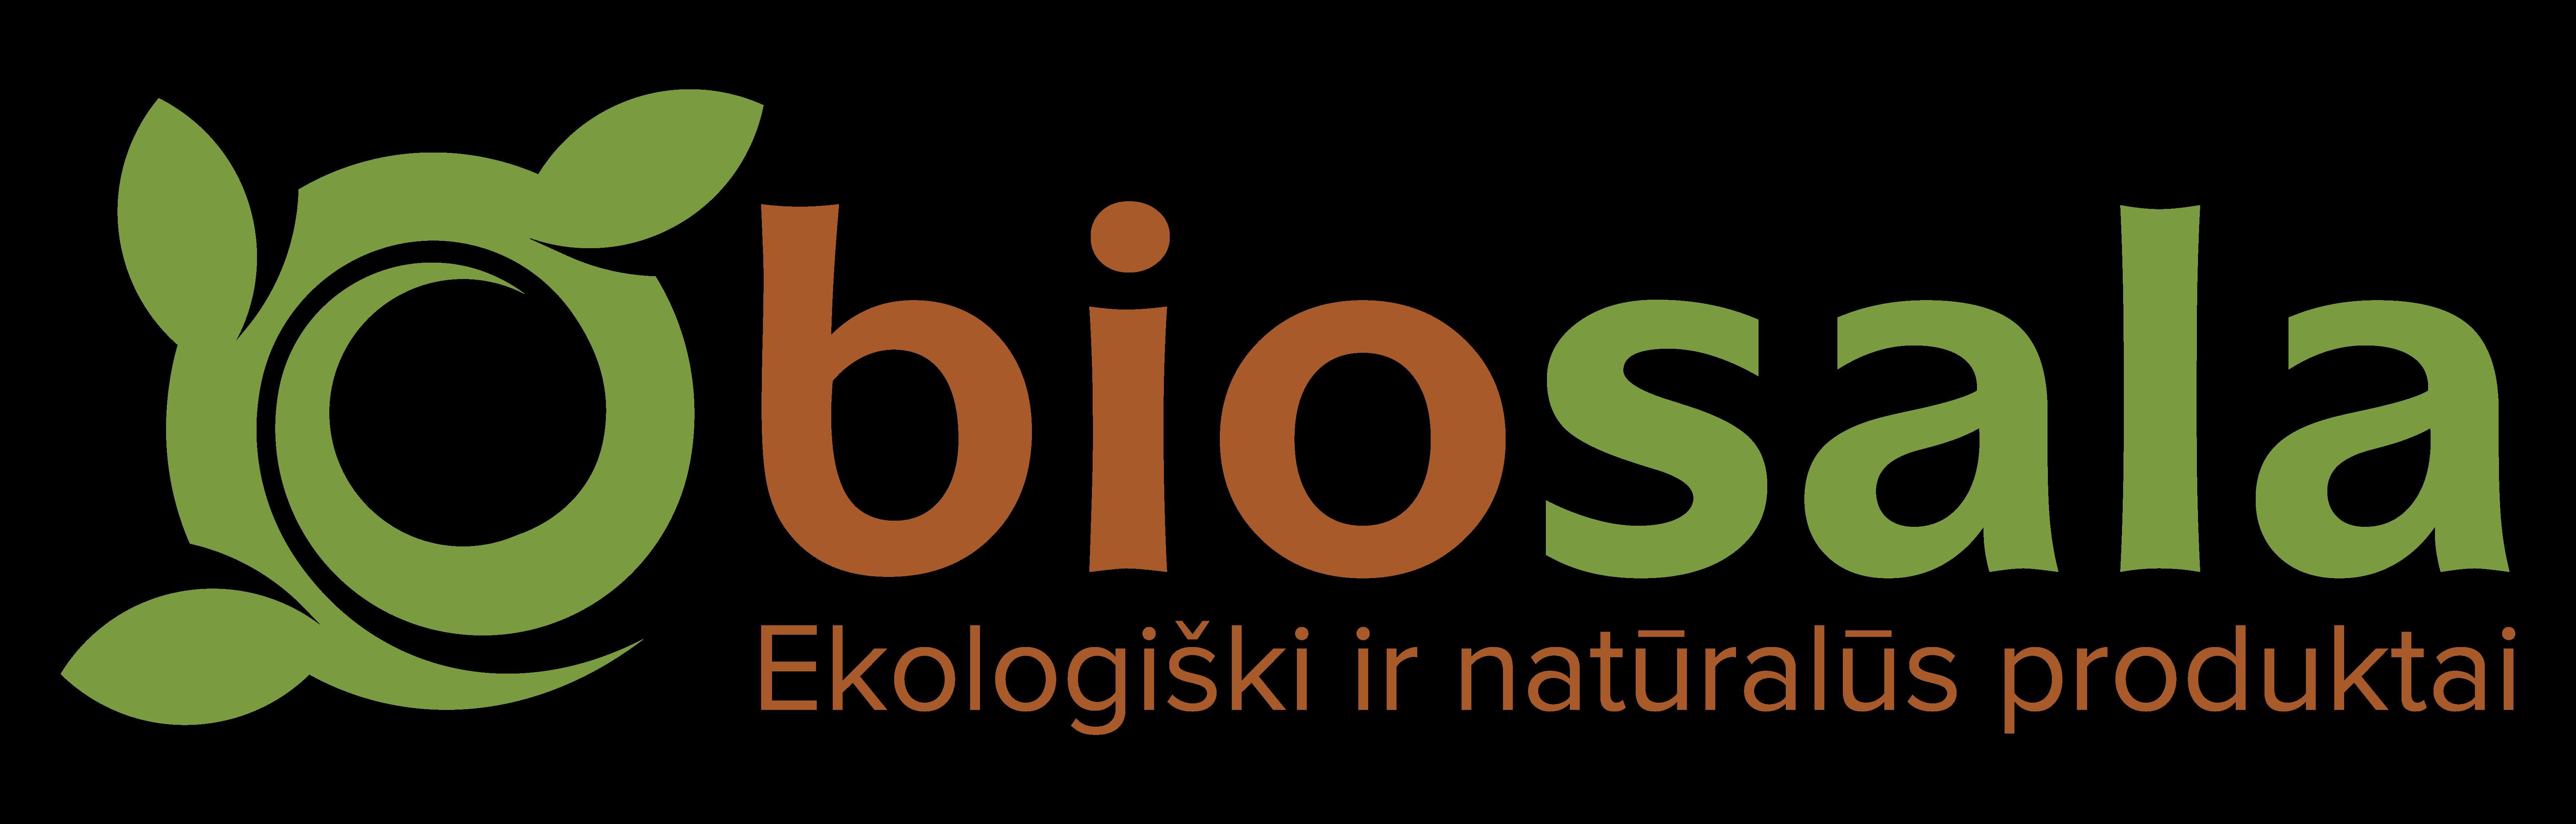 biosala internetinė parduotuvė